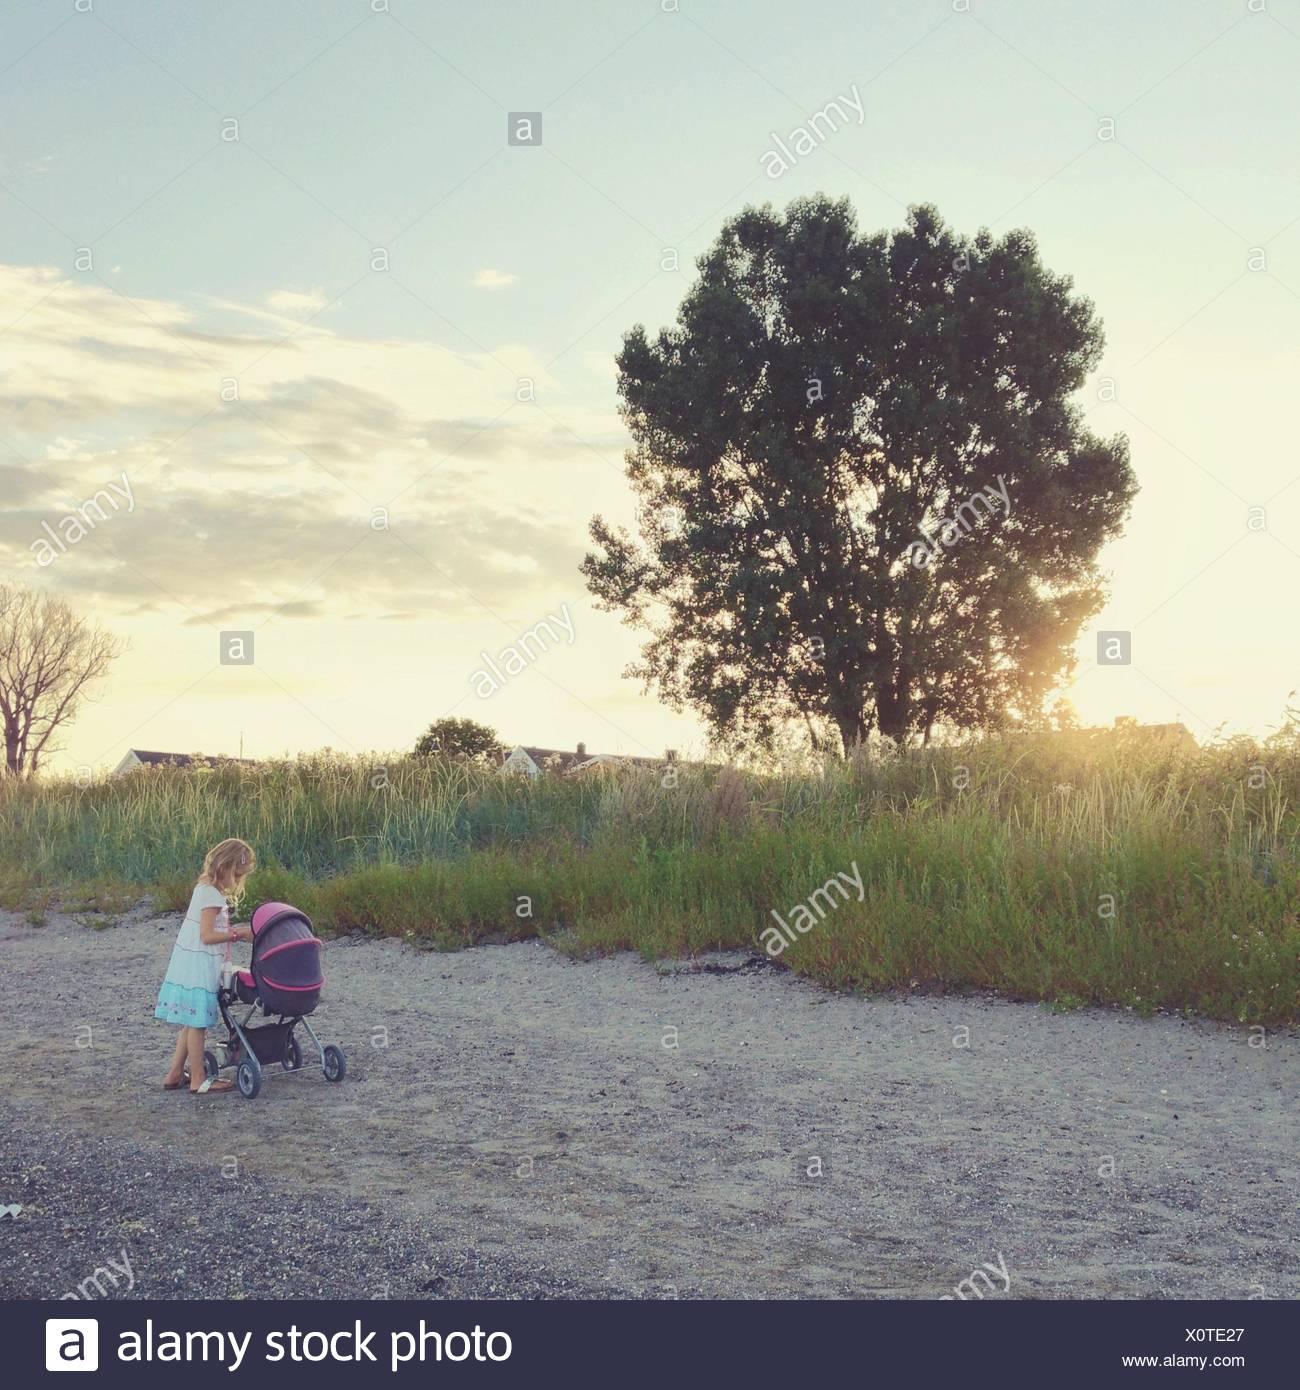 Norwegen, Mädchen (12-13) mit Kinderwagen Stockbild